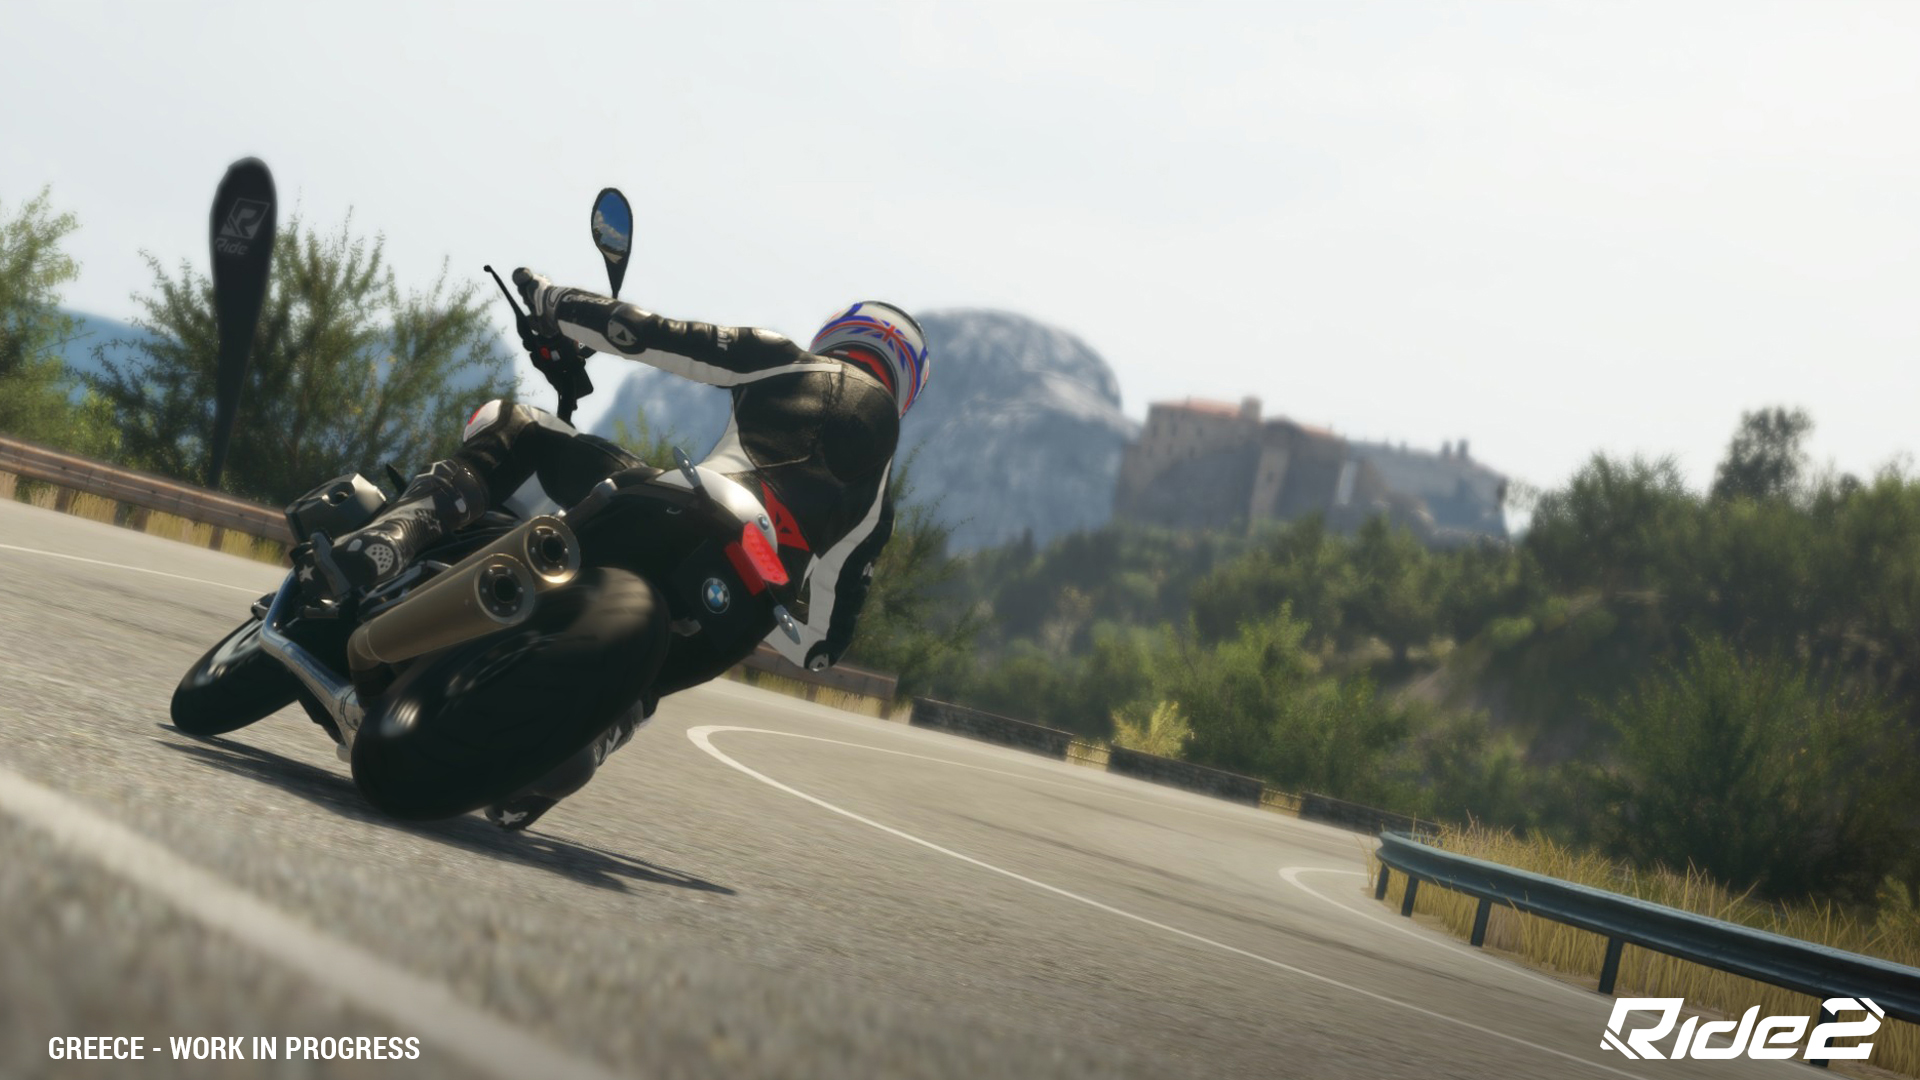 1467205284-ride2-greciaimg1.jpg